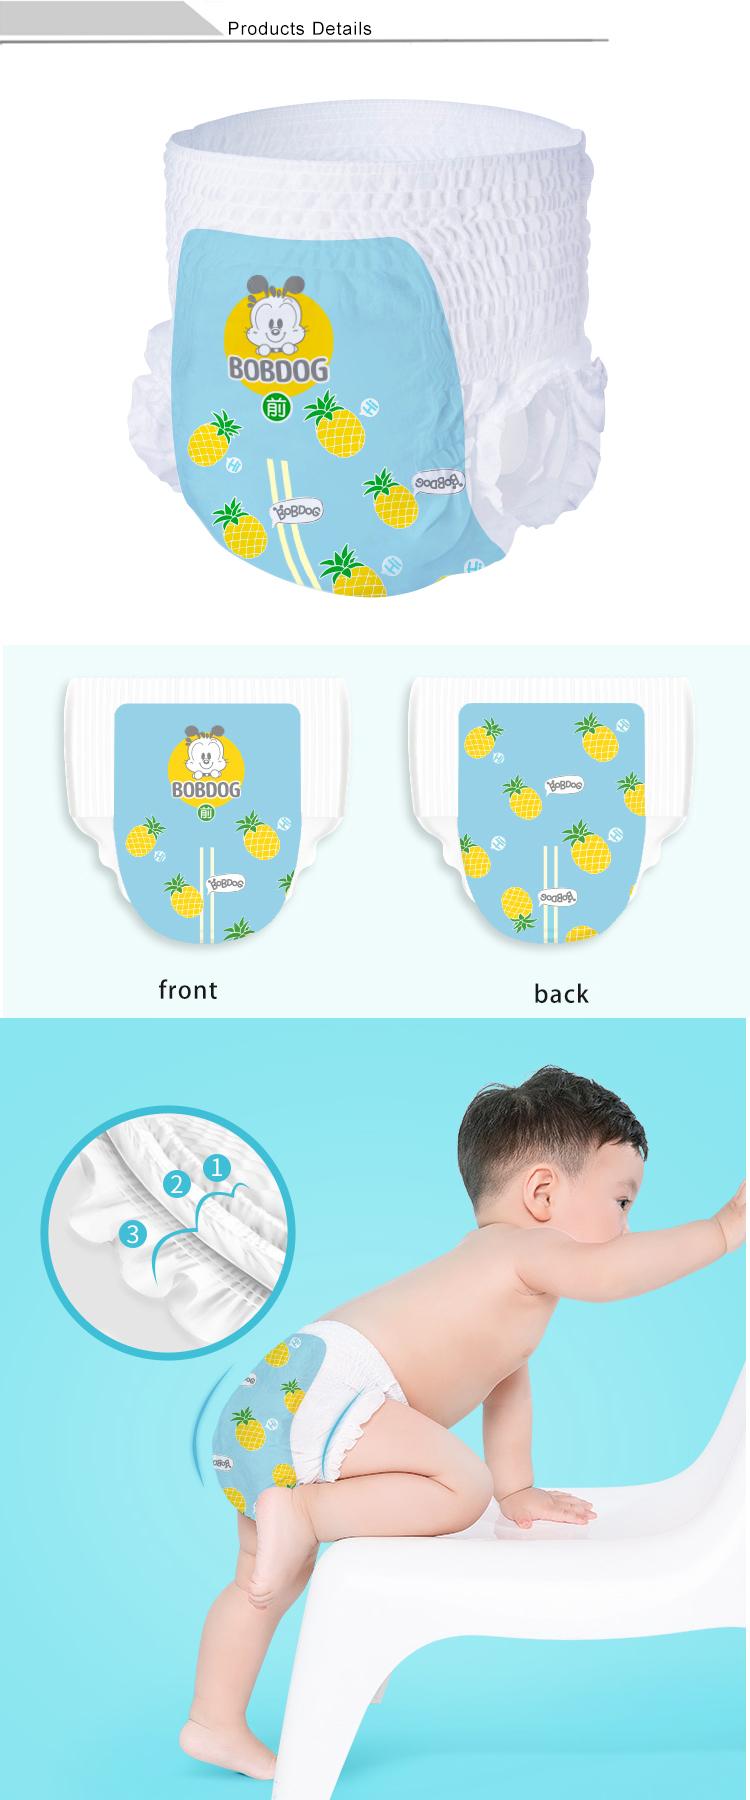 Sevimli hayvan işlemeli elastik bebek külot bebek bezi yeni doğan bebek yumuşak pamuklu külot bezi